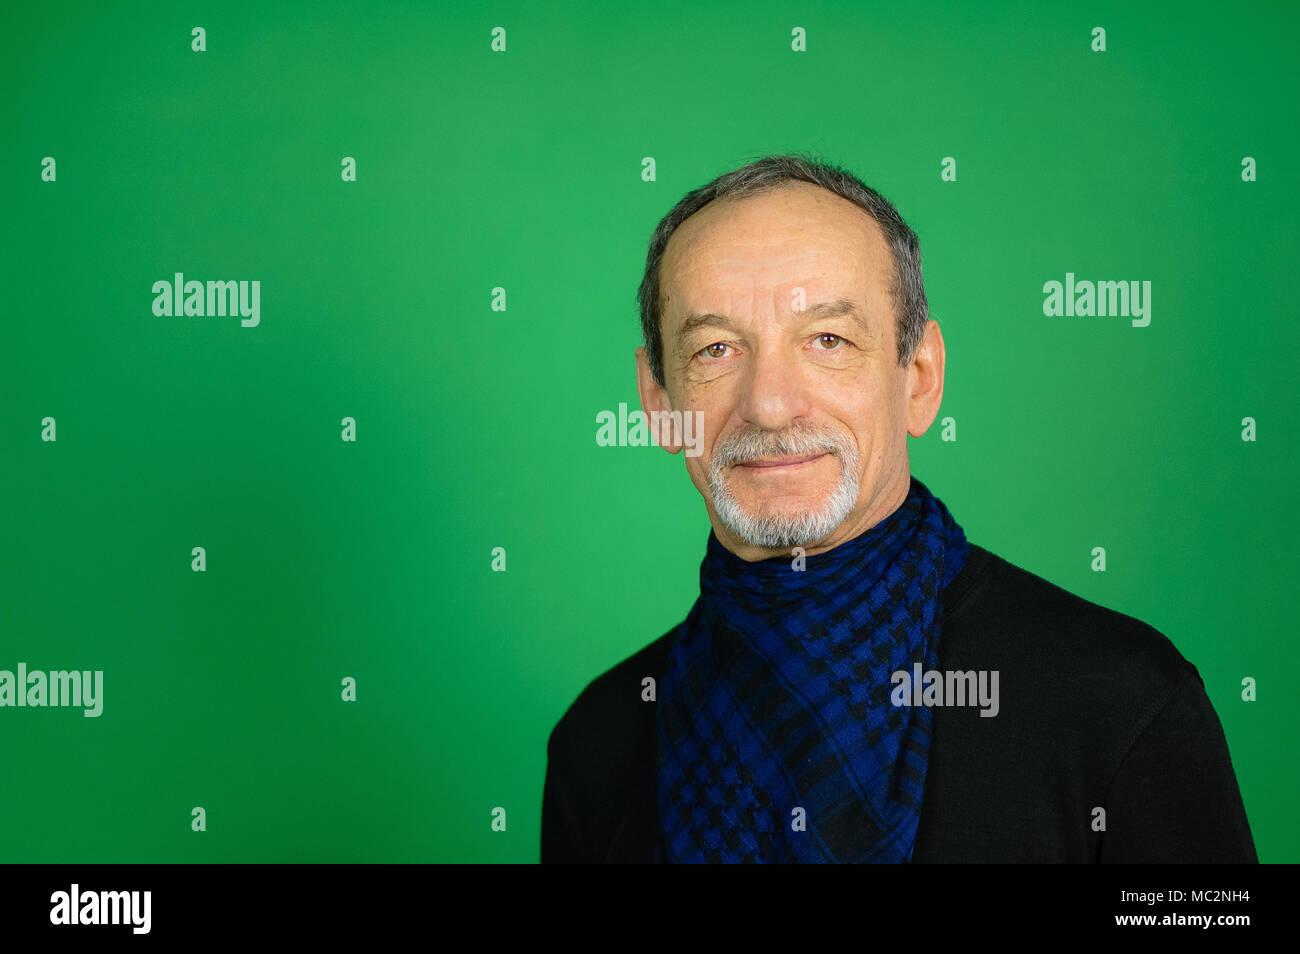 Ritratto di un uomo maturo su uno sfondo verde. Maglione nero 0d6e118c8f08